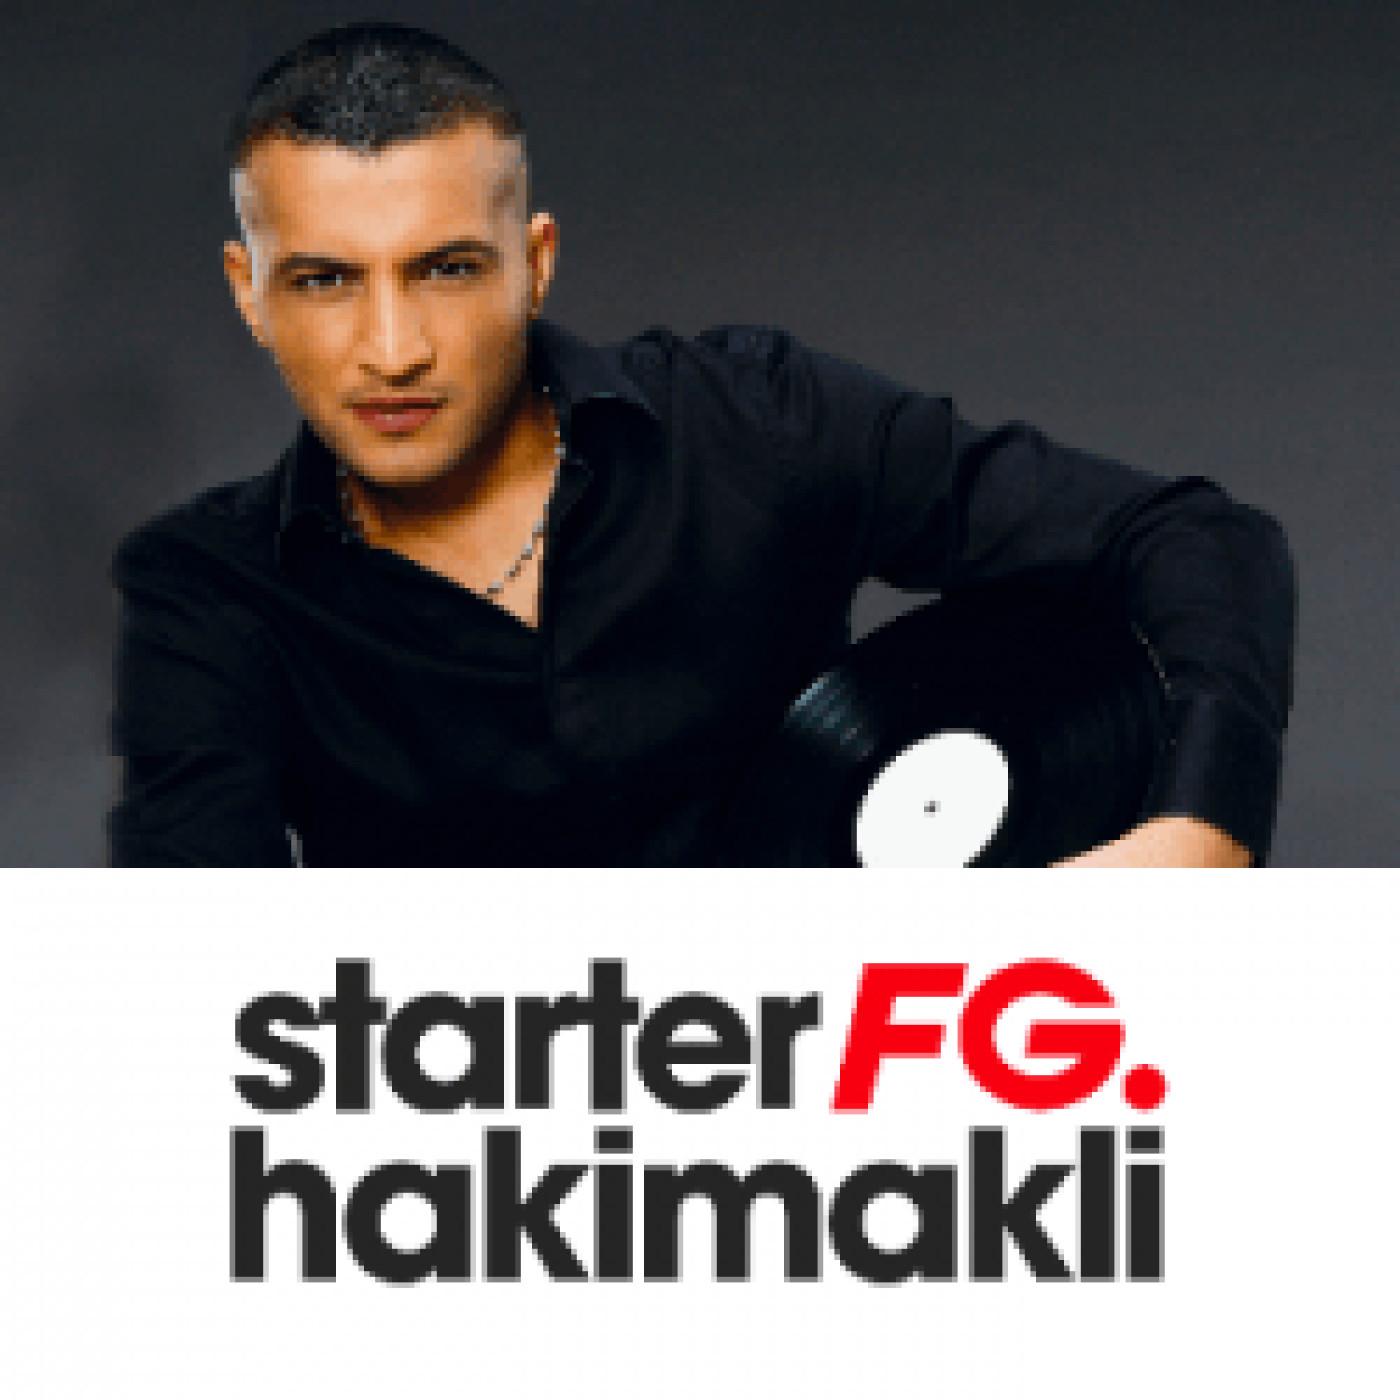 STARTER FG BY HAKIMAKLI LUNDI 12 OCTOBRE 2020